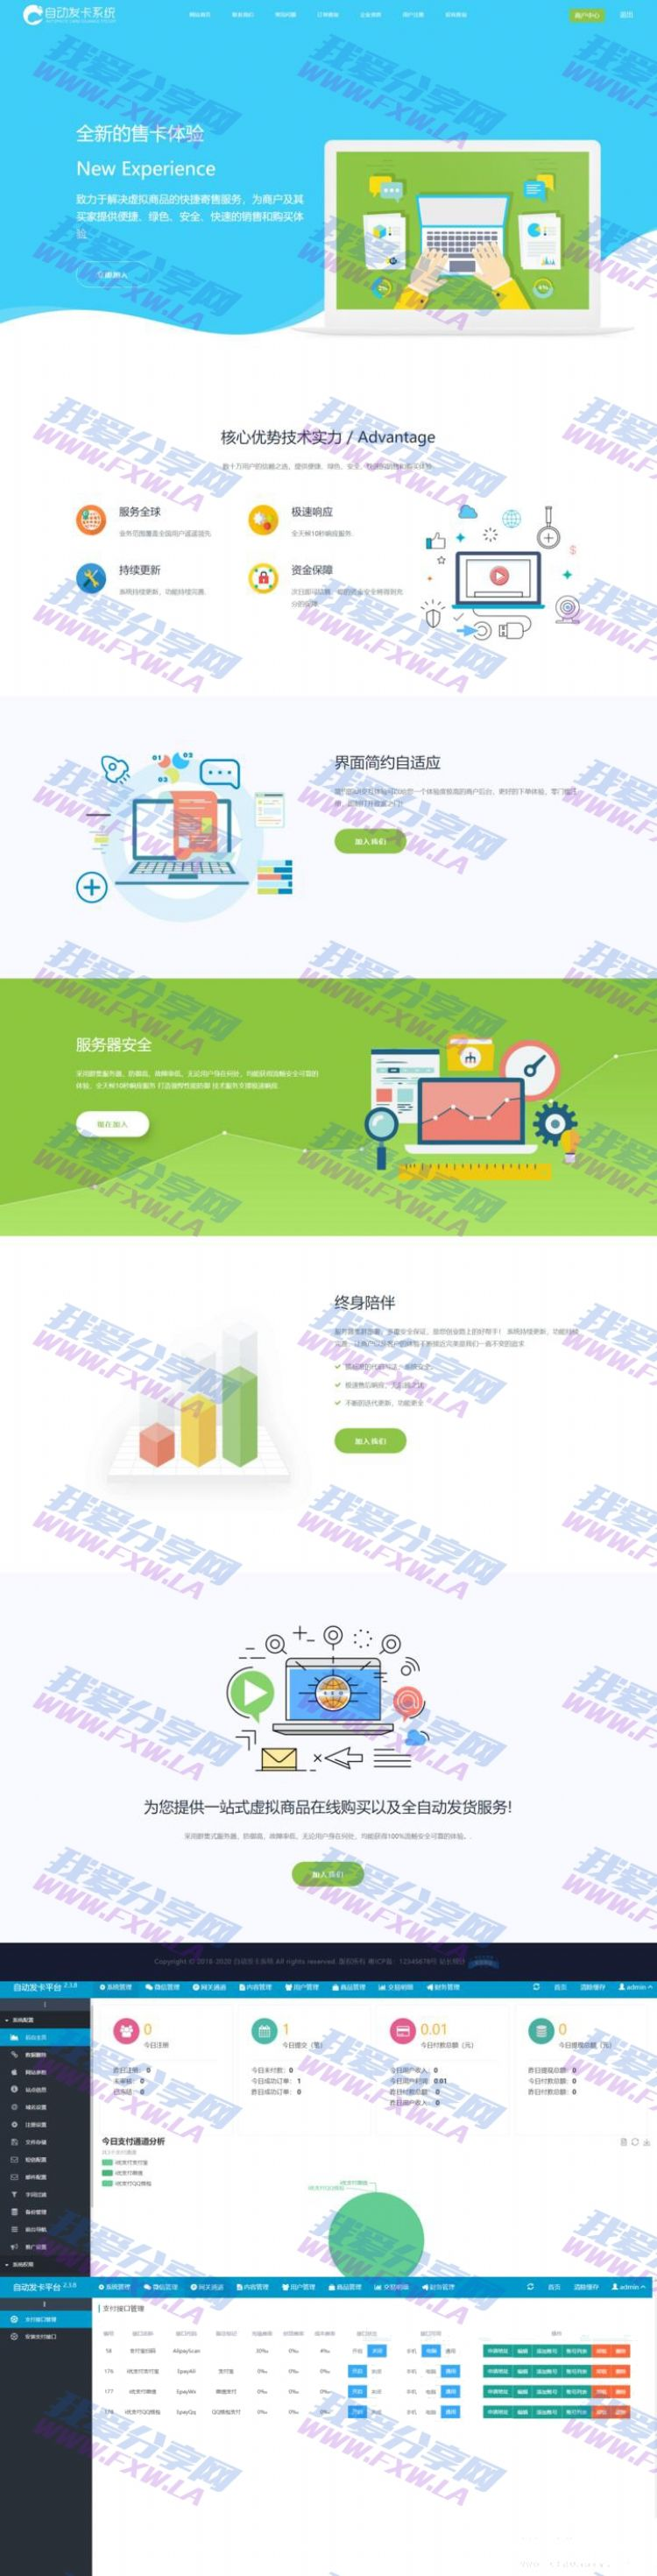 知宇企业自动发卡系统对接易支付接口版